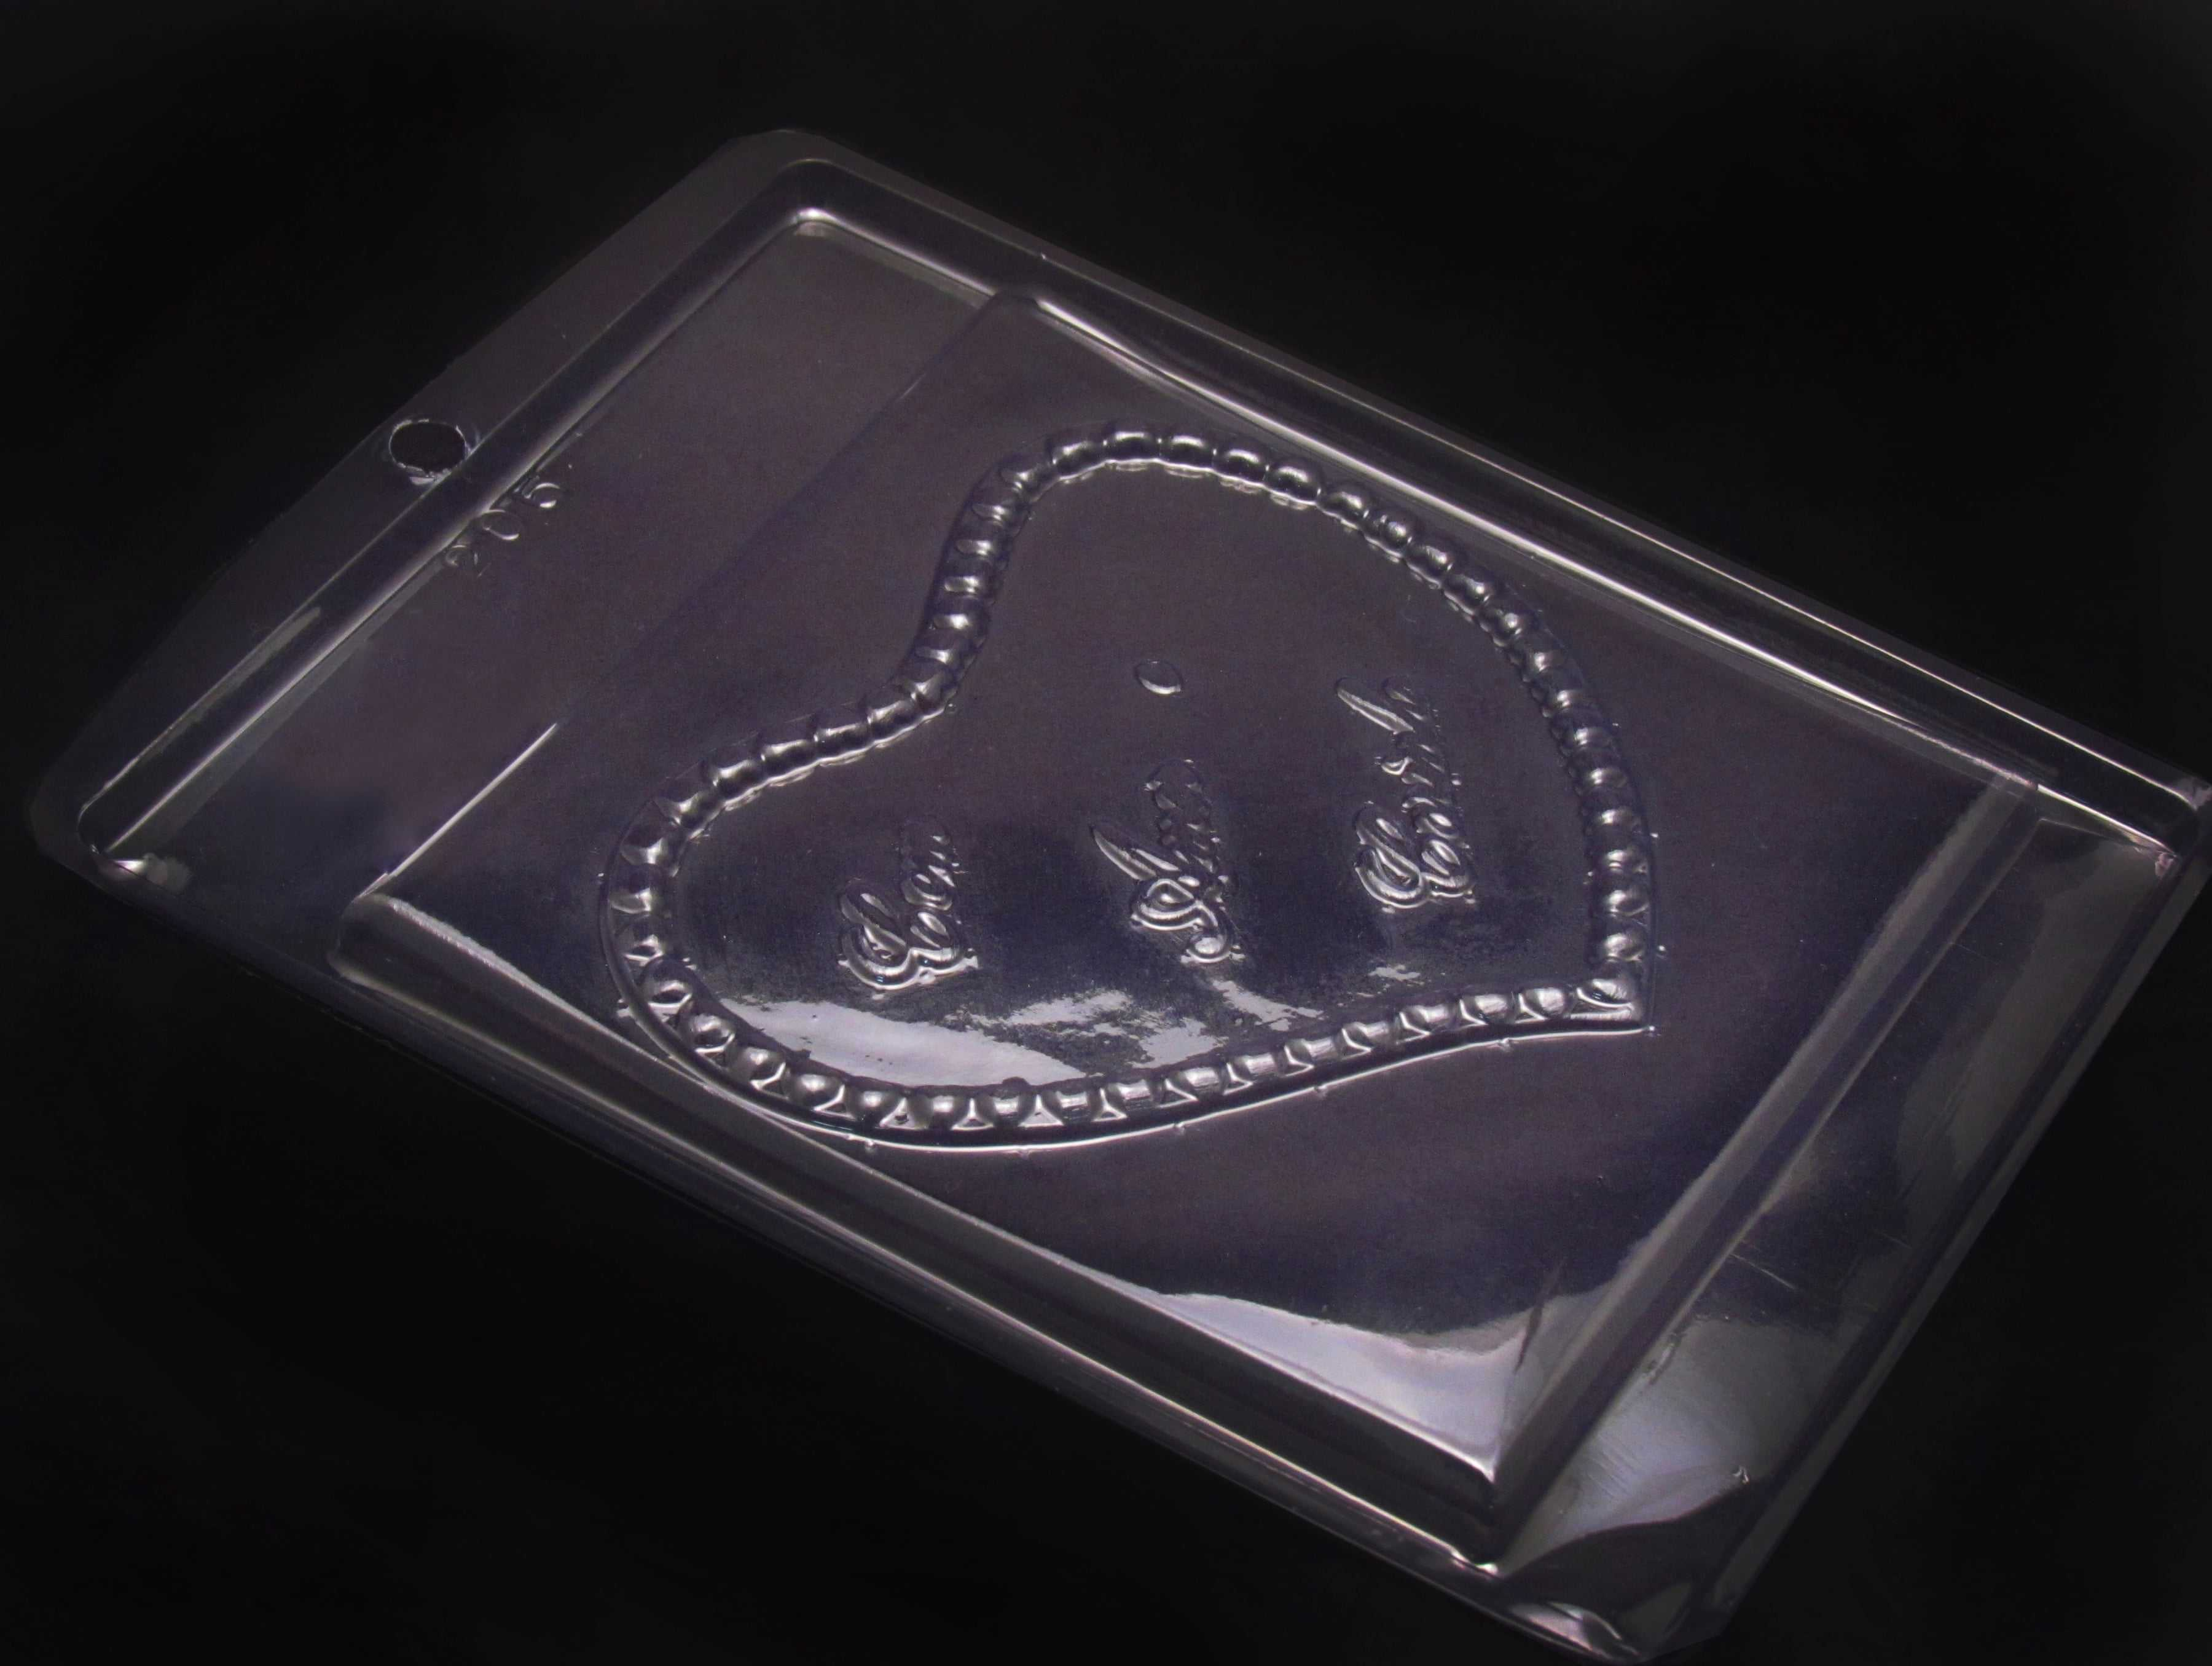 Forma de Acetato Placa com Amor e Carinho N205 Nishimoto